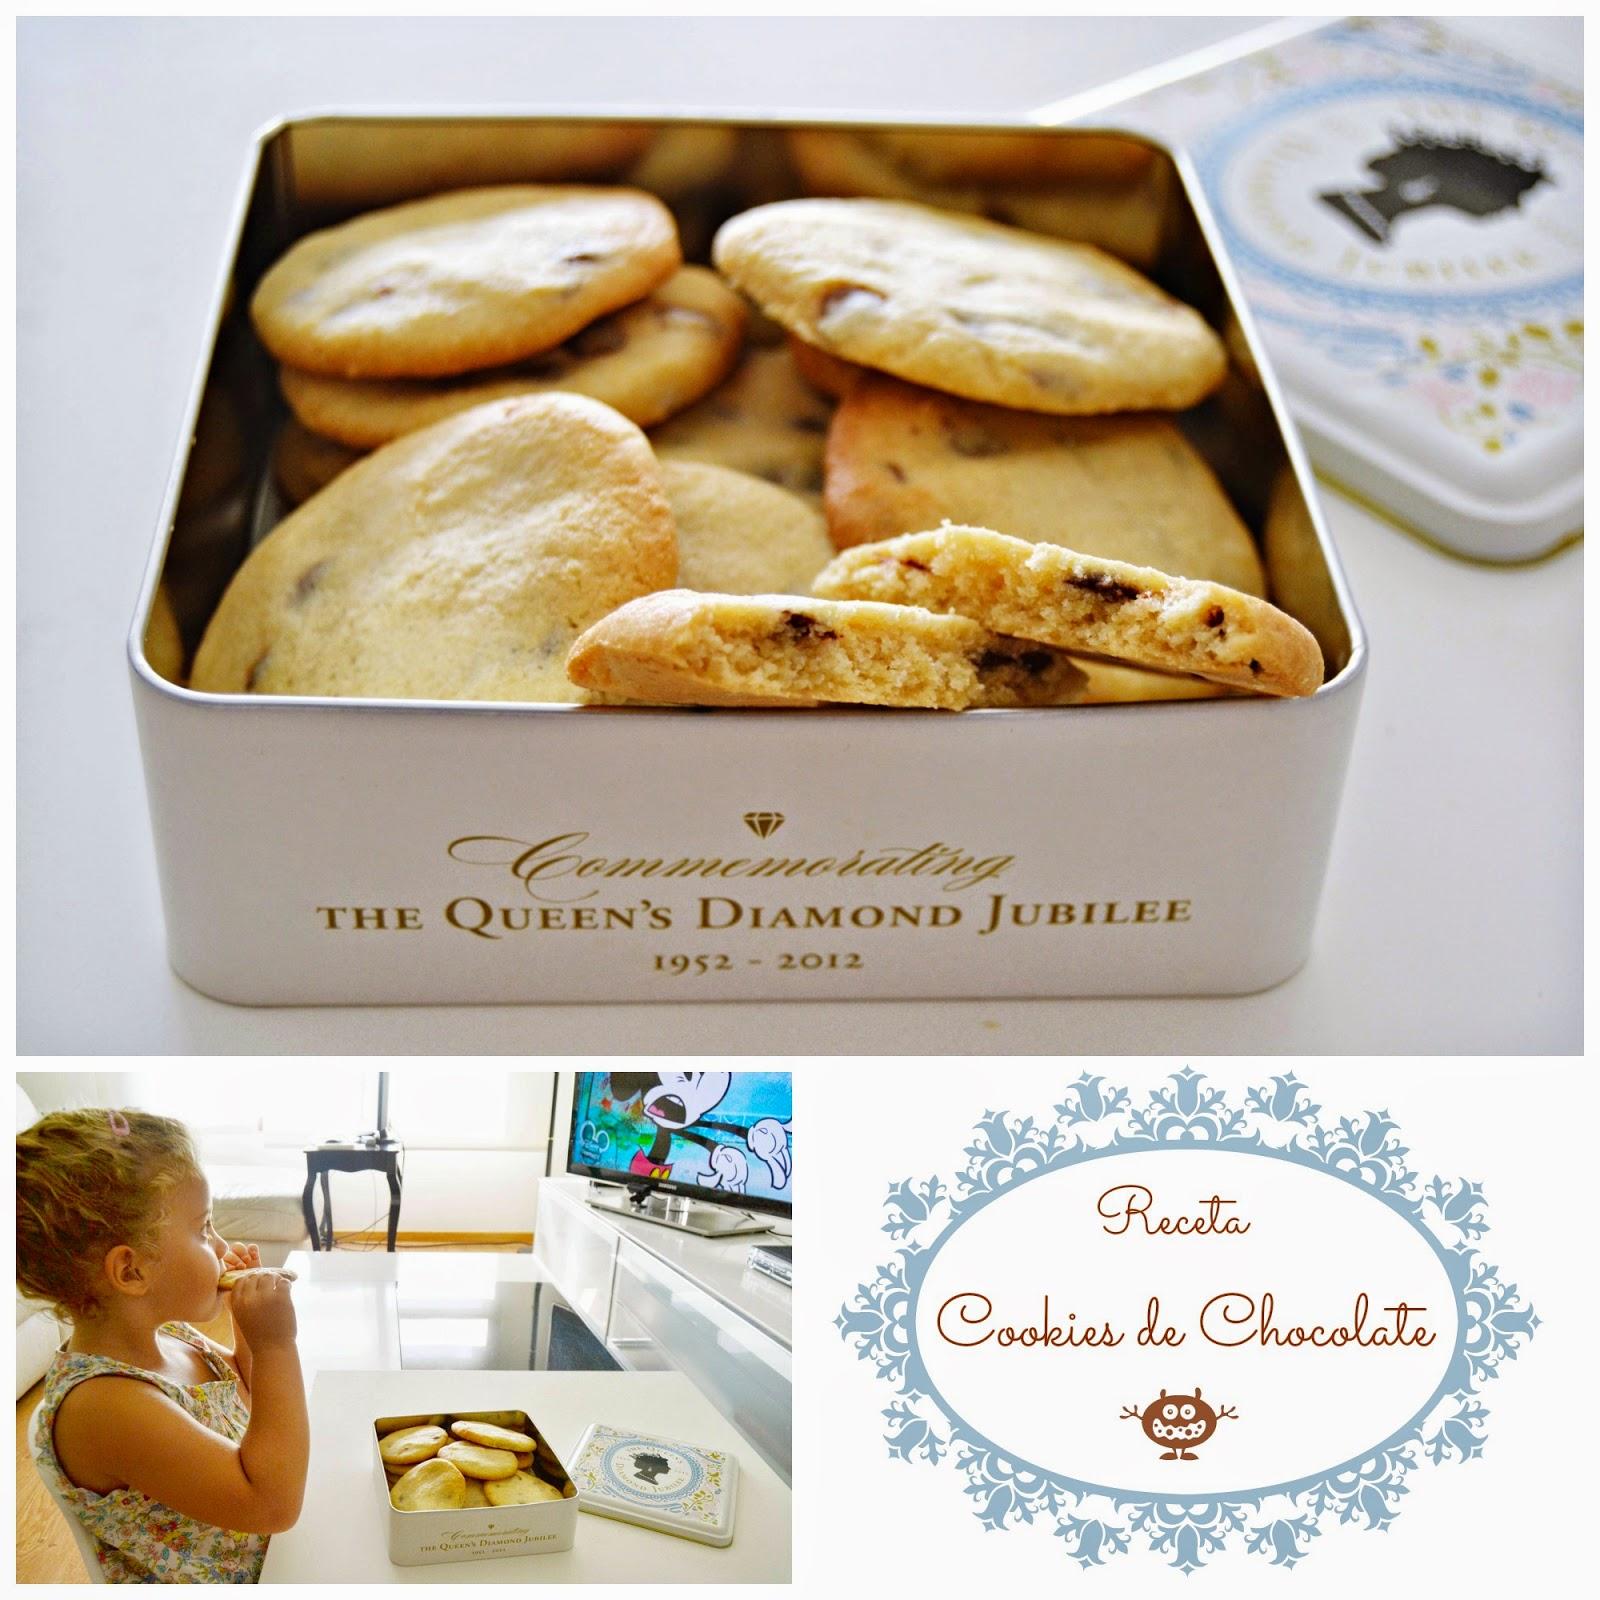 receta cookies de chocolate blog mama de noa cocinar con niños